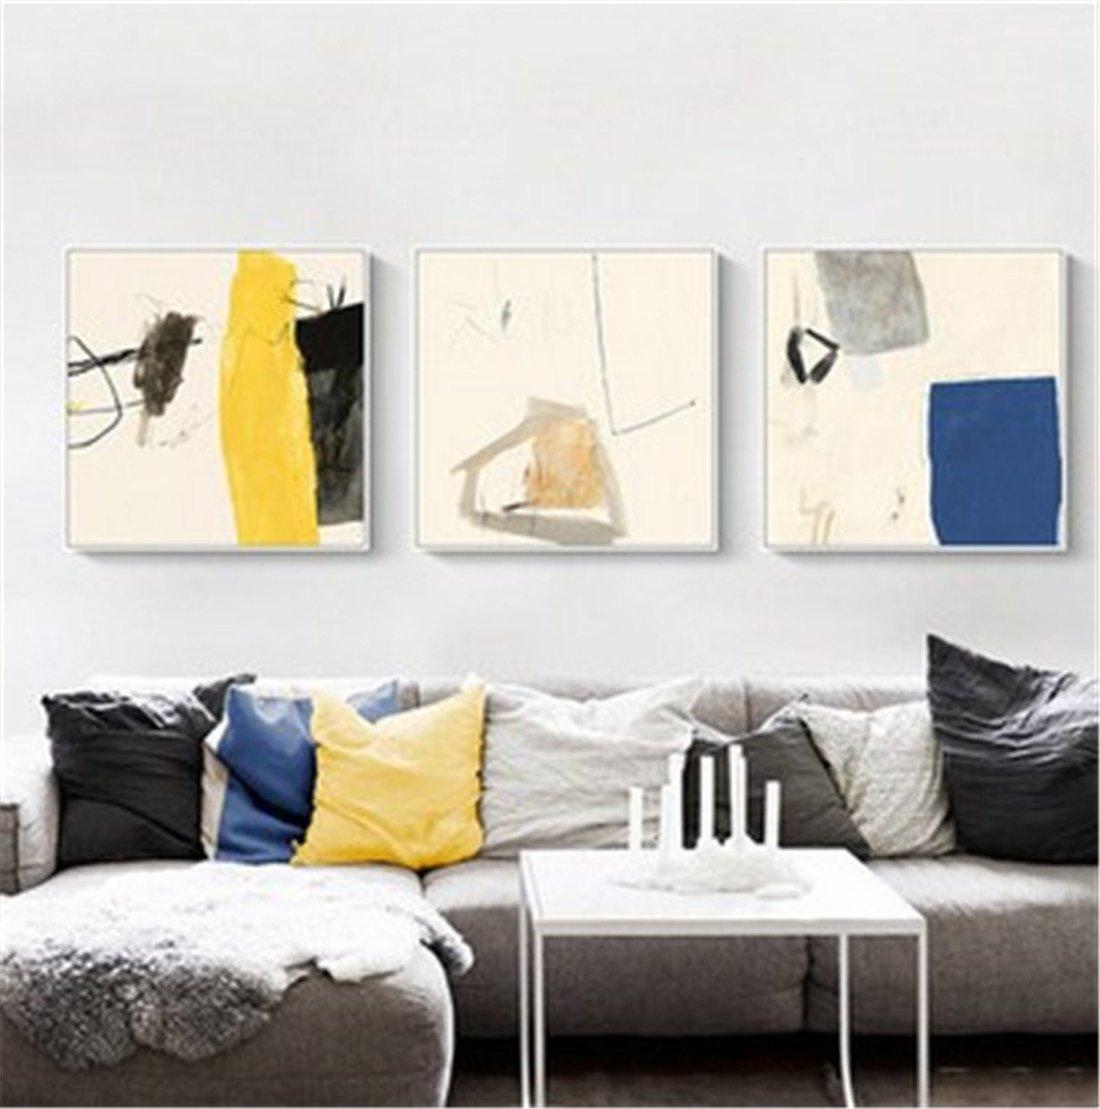 XIAPENGminimalista Moderno Dormitorio cabecera Pintura de Abstracto la Pared del Fresco Abstracto de Pintura Decorativa habitación Modelo Restaurante Sala de Pinturas (48  48 cm), e c7130f